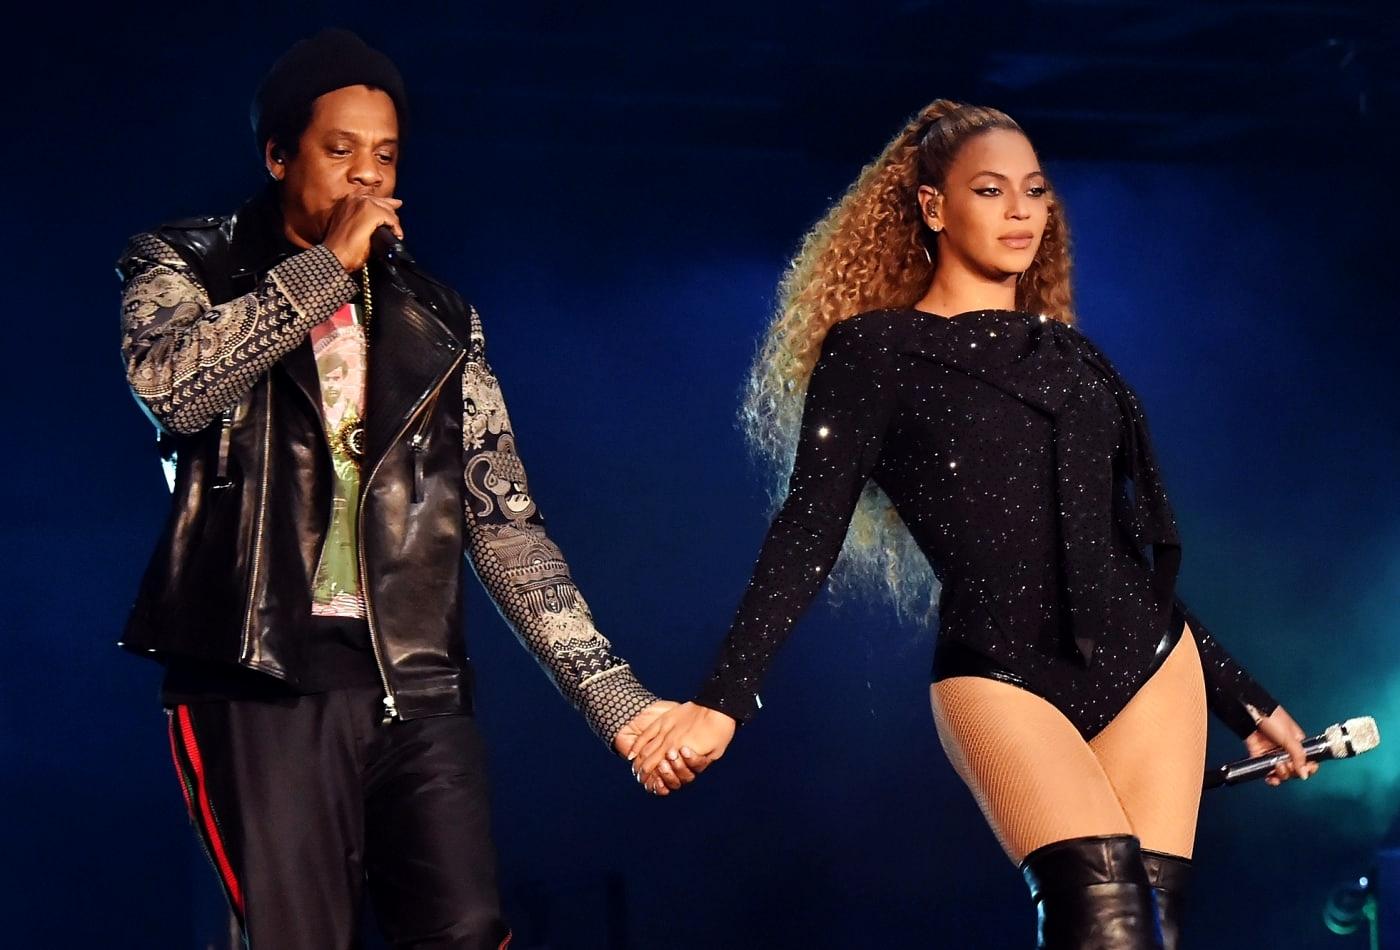 Beyonce и JAY-Z попали в список самых высокооплачиваемых музыкантов десятилетия по версии Forbes